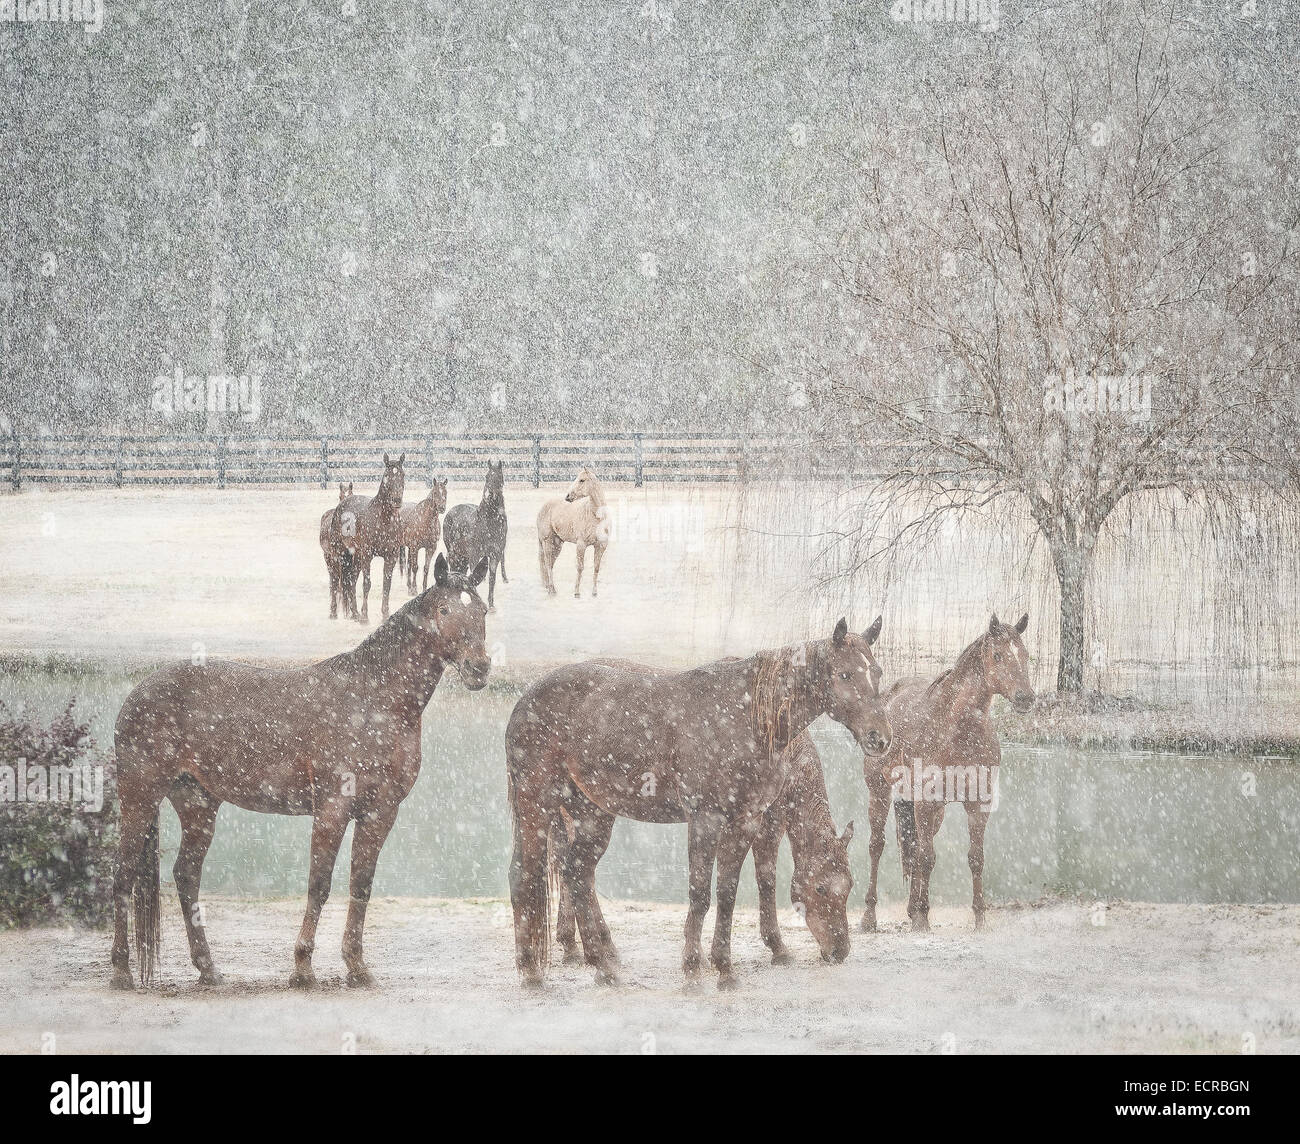 Herd of mares in snow storm - Stock Image